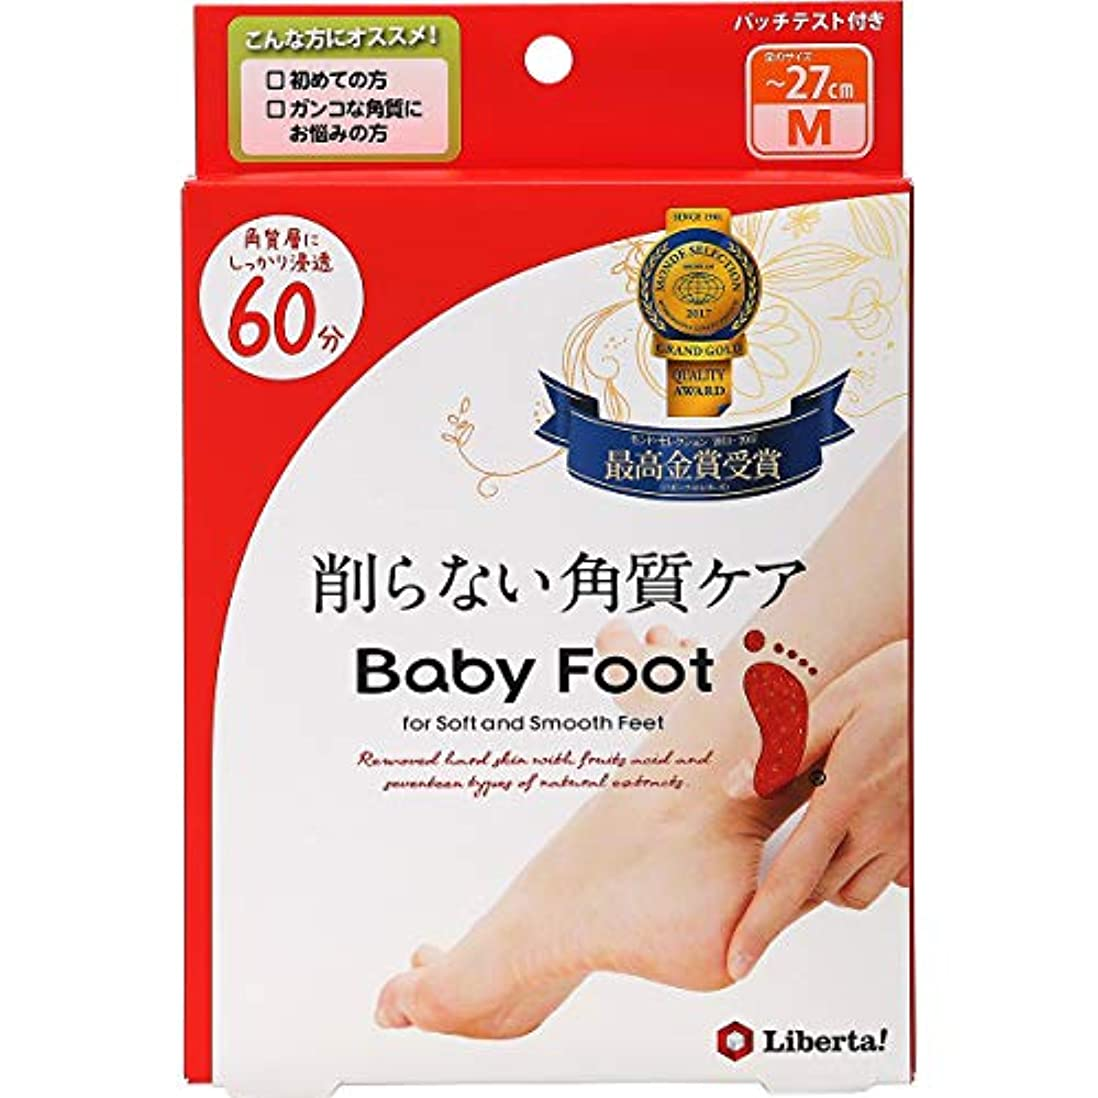 ティッシュカビアルプスベビーフット (Baby Foot) ベビーフット イージーパック SPT60分タイプ Mサイズ 単品